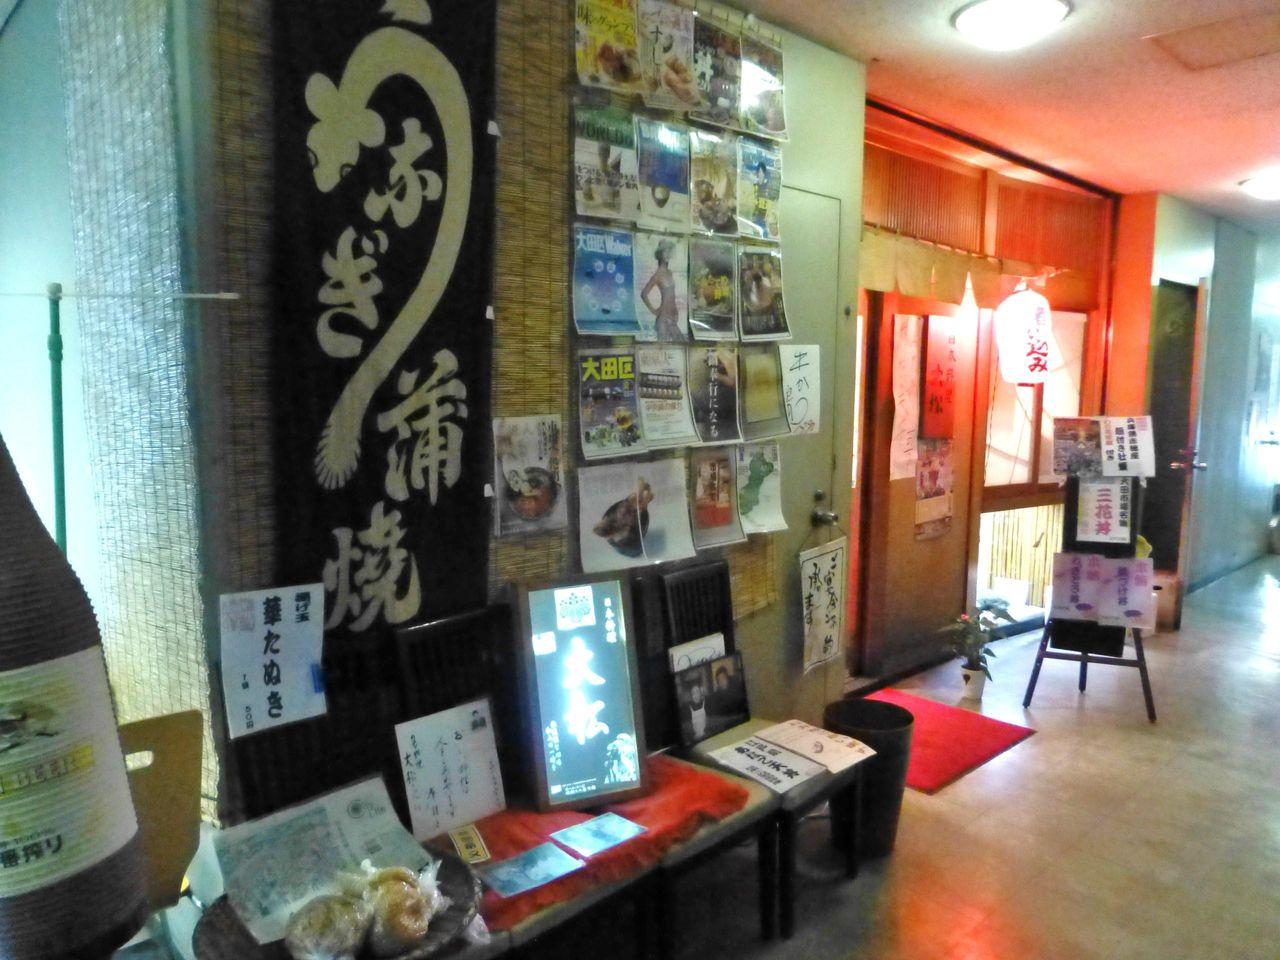 大田市場事務棟2階のレストラン街にあります!